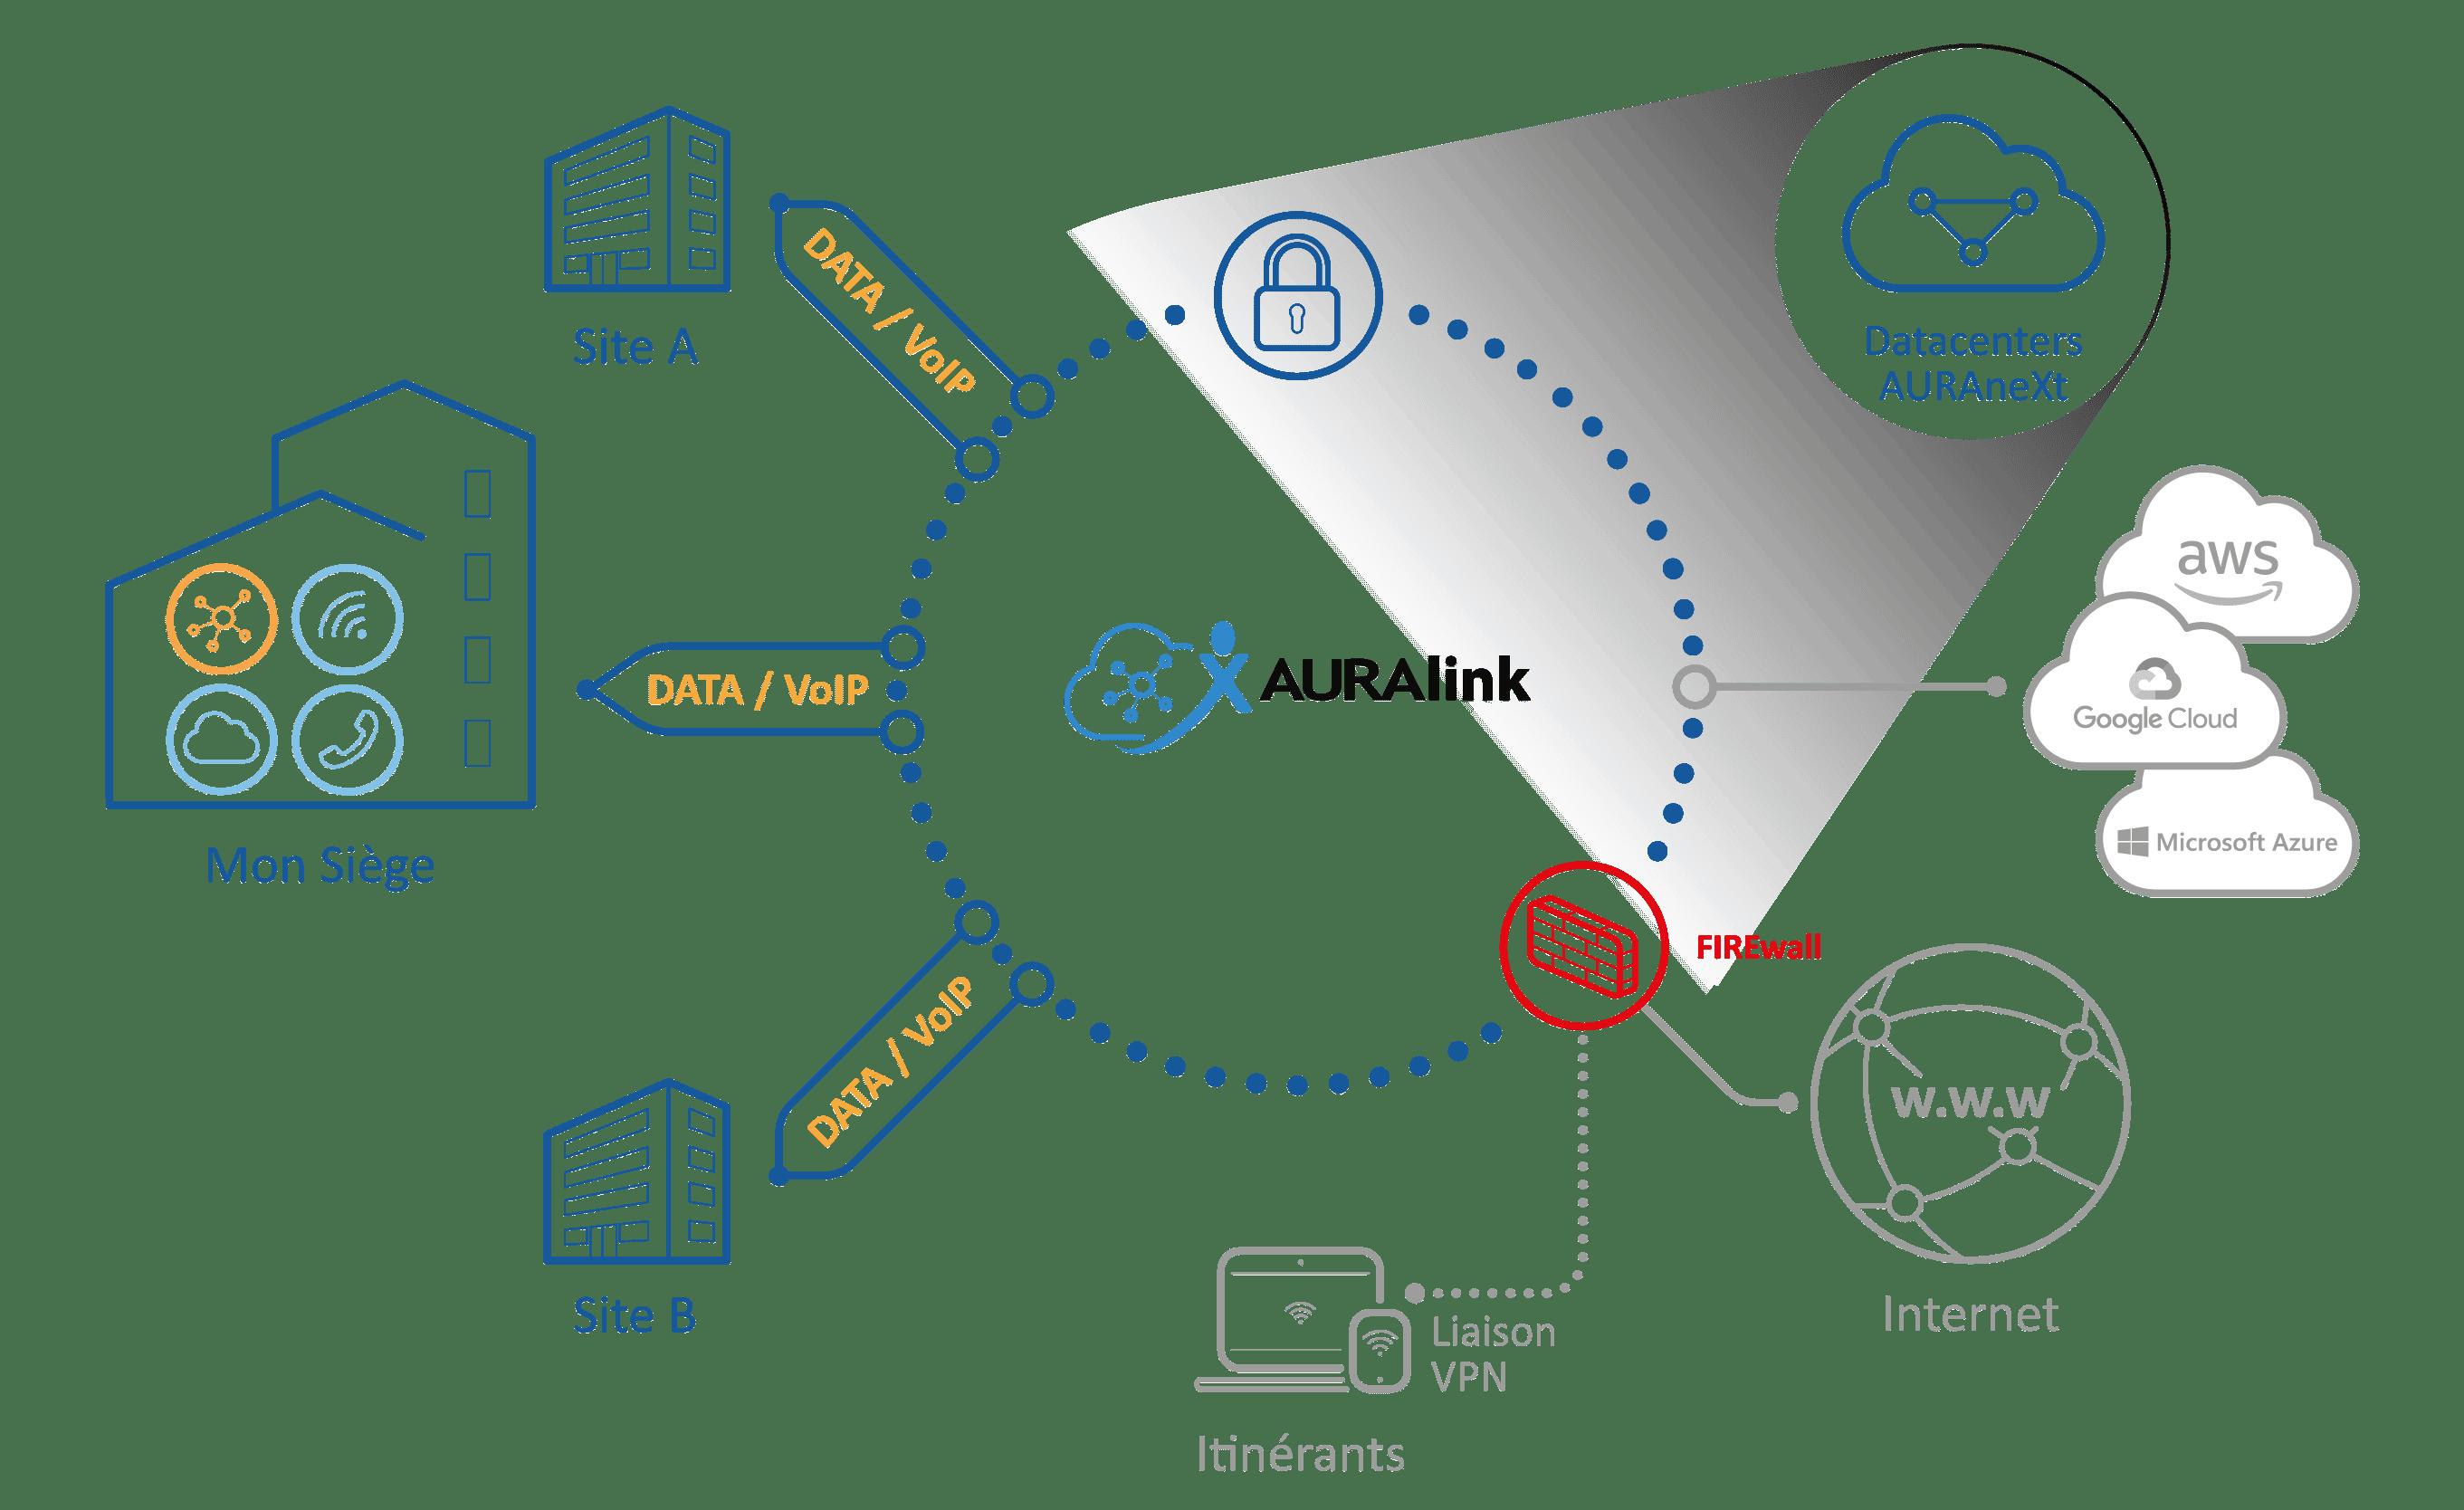 AURALink_Microsoft Azure